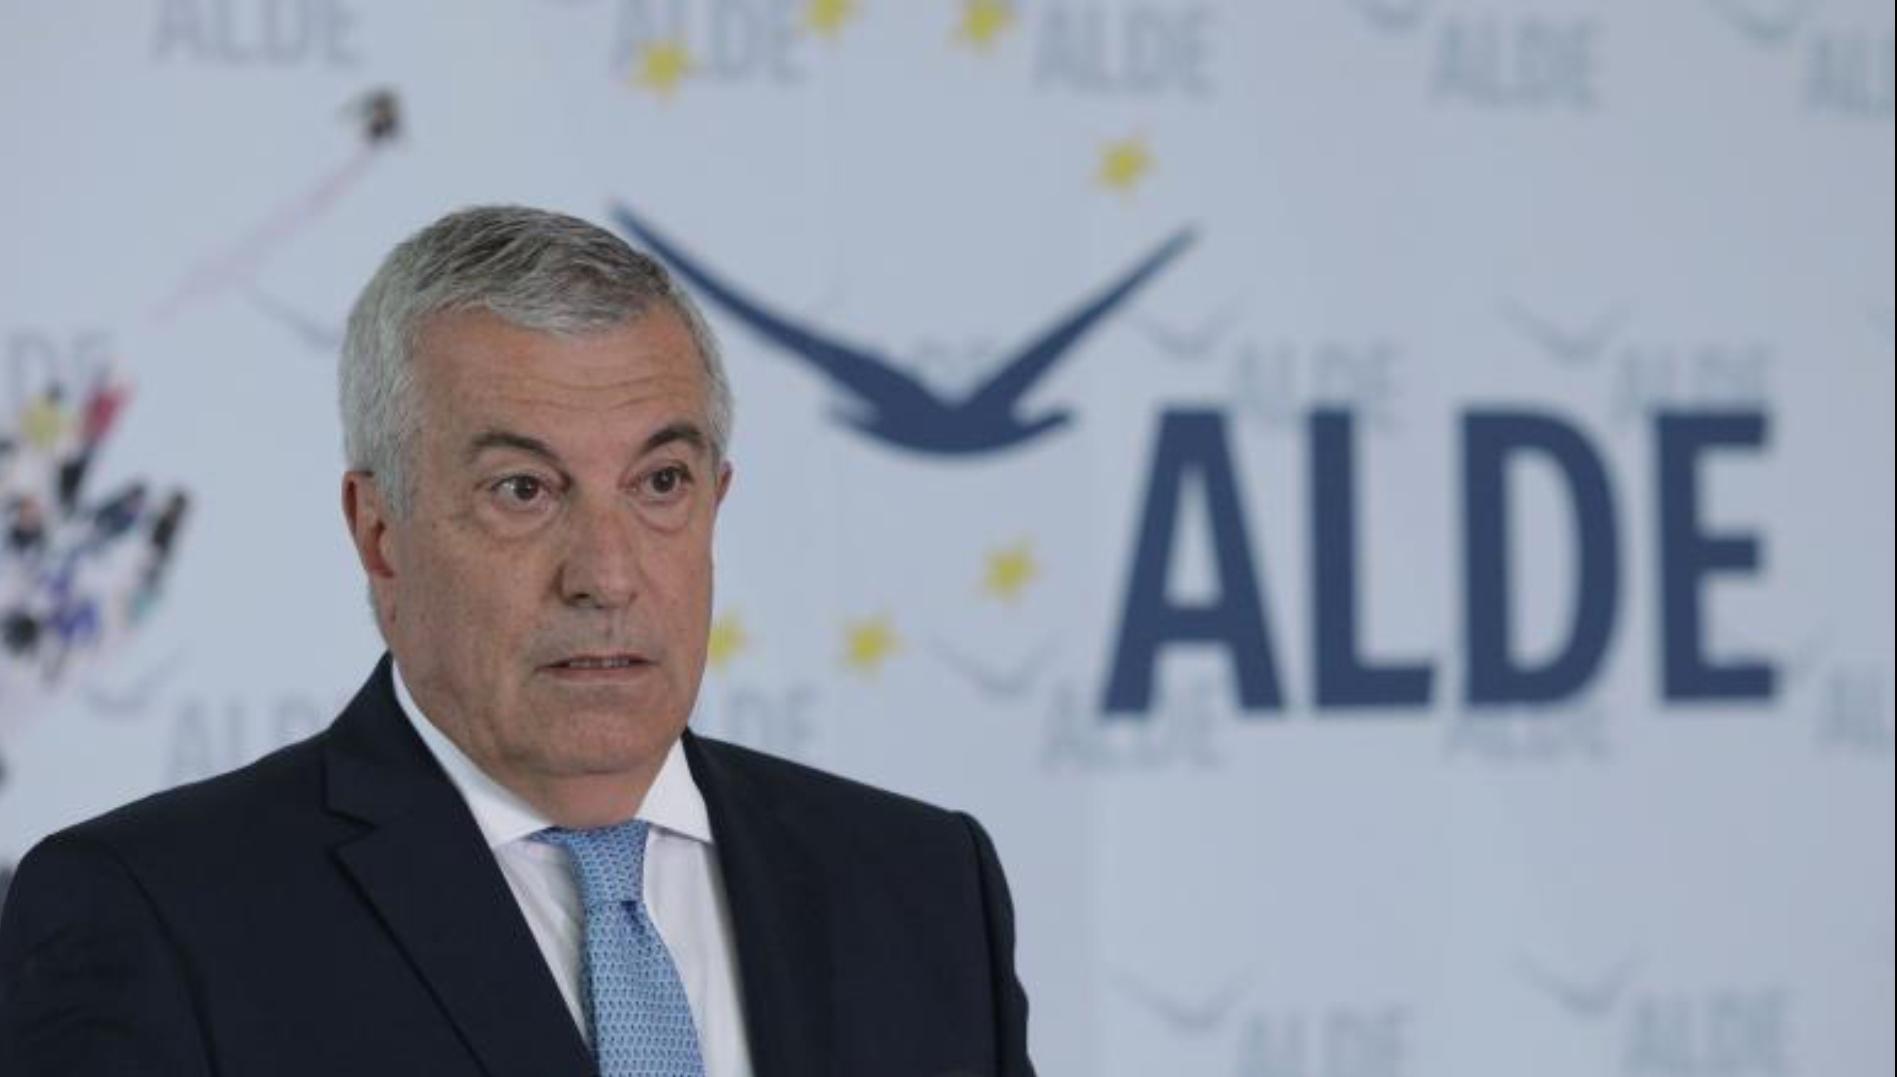 Călin Popescu Tăriceanu: Uniunea Europeană trebuie să se reinventeze pentru a putea depăși pandemia de coronavirus